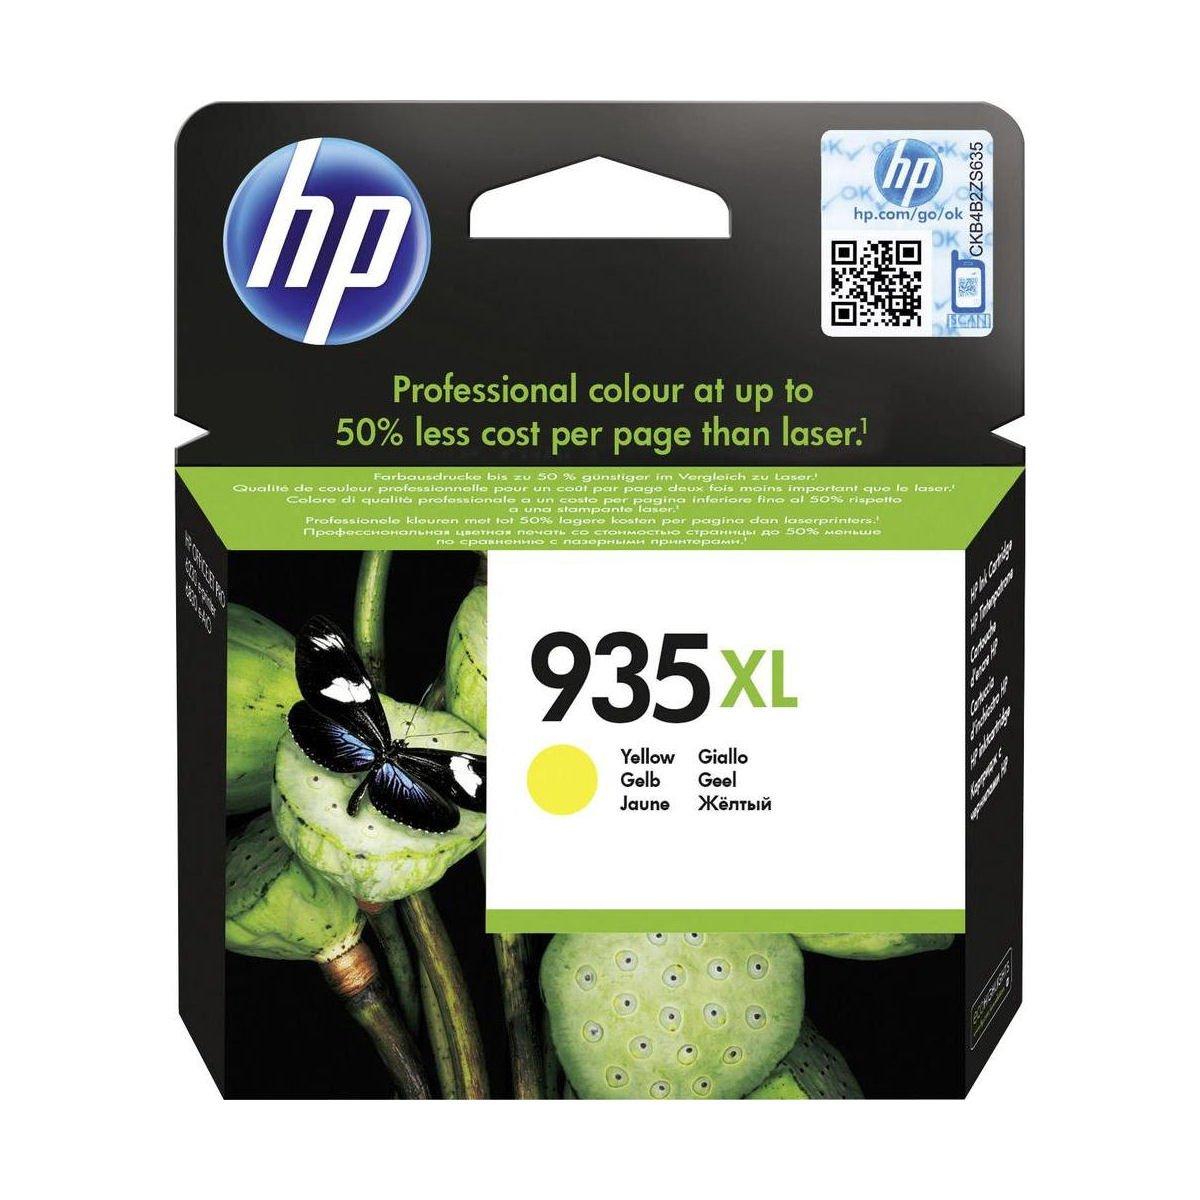 HP No.935XL Inkjet Cartridge High Capacity Yellow C2P26AE